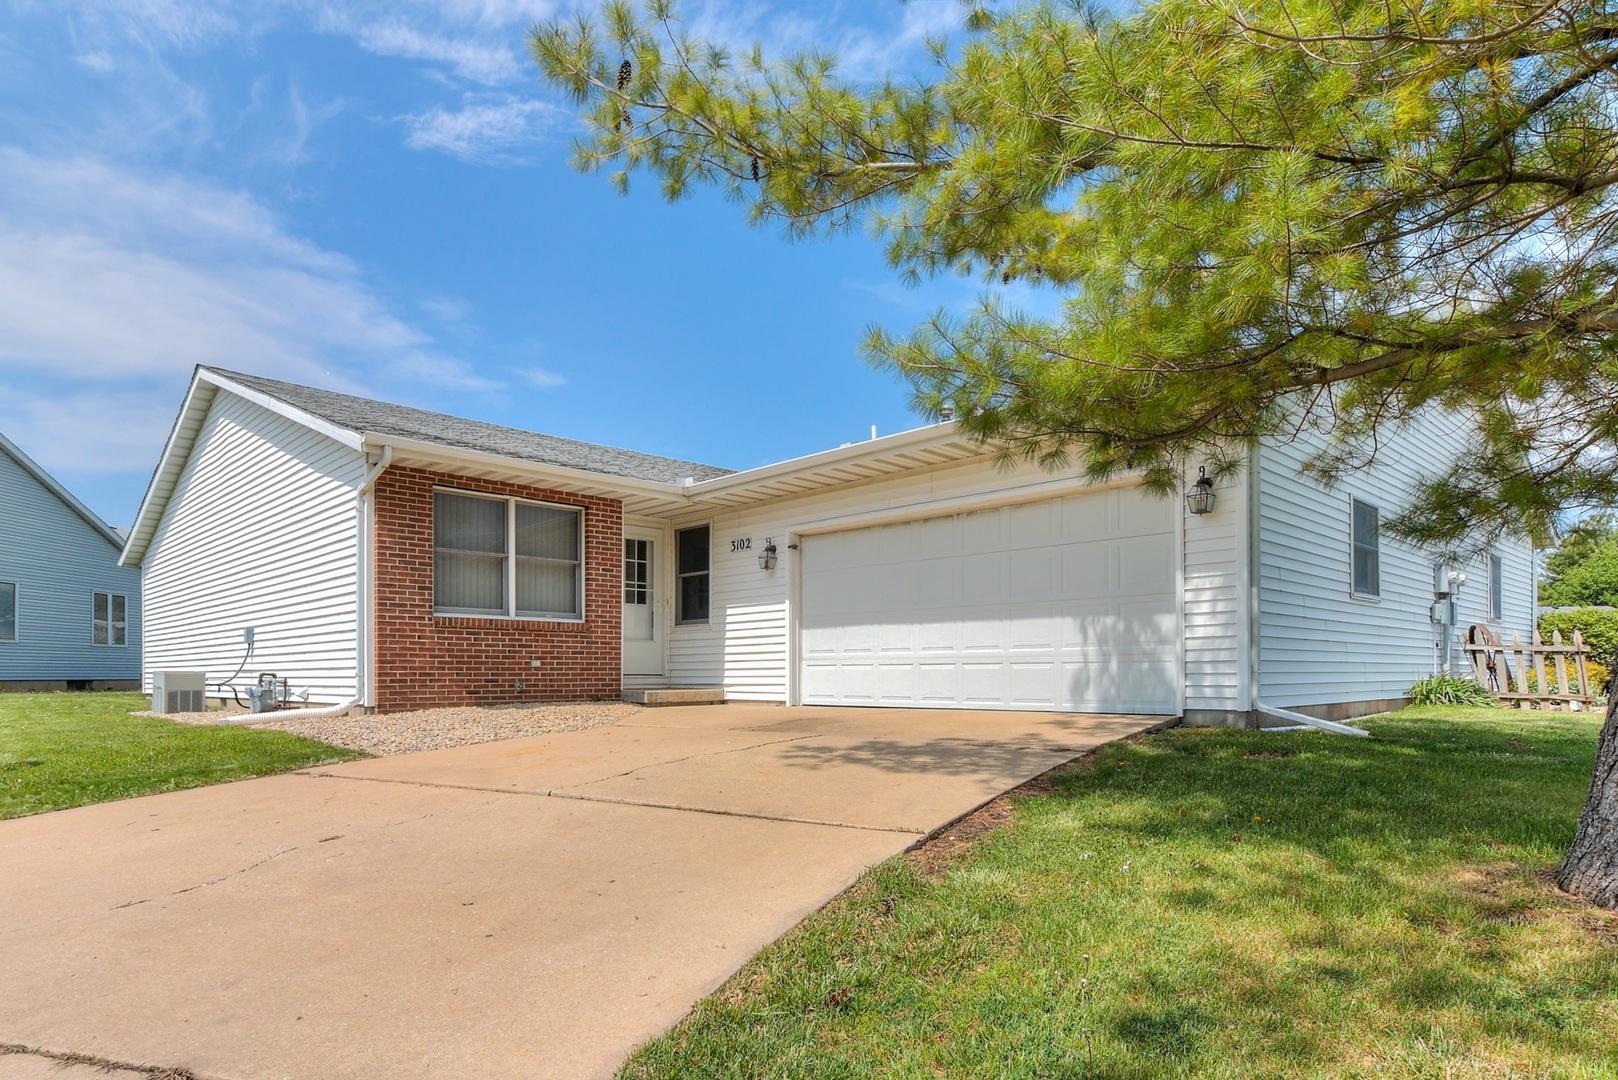 3102 OLD WARSON Road, Champaign in Champaign County, IL 61822 Home for Sale